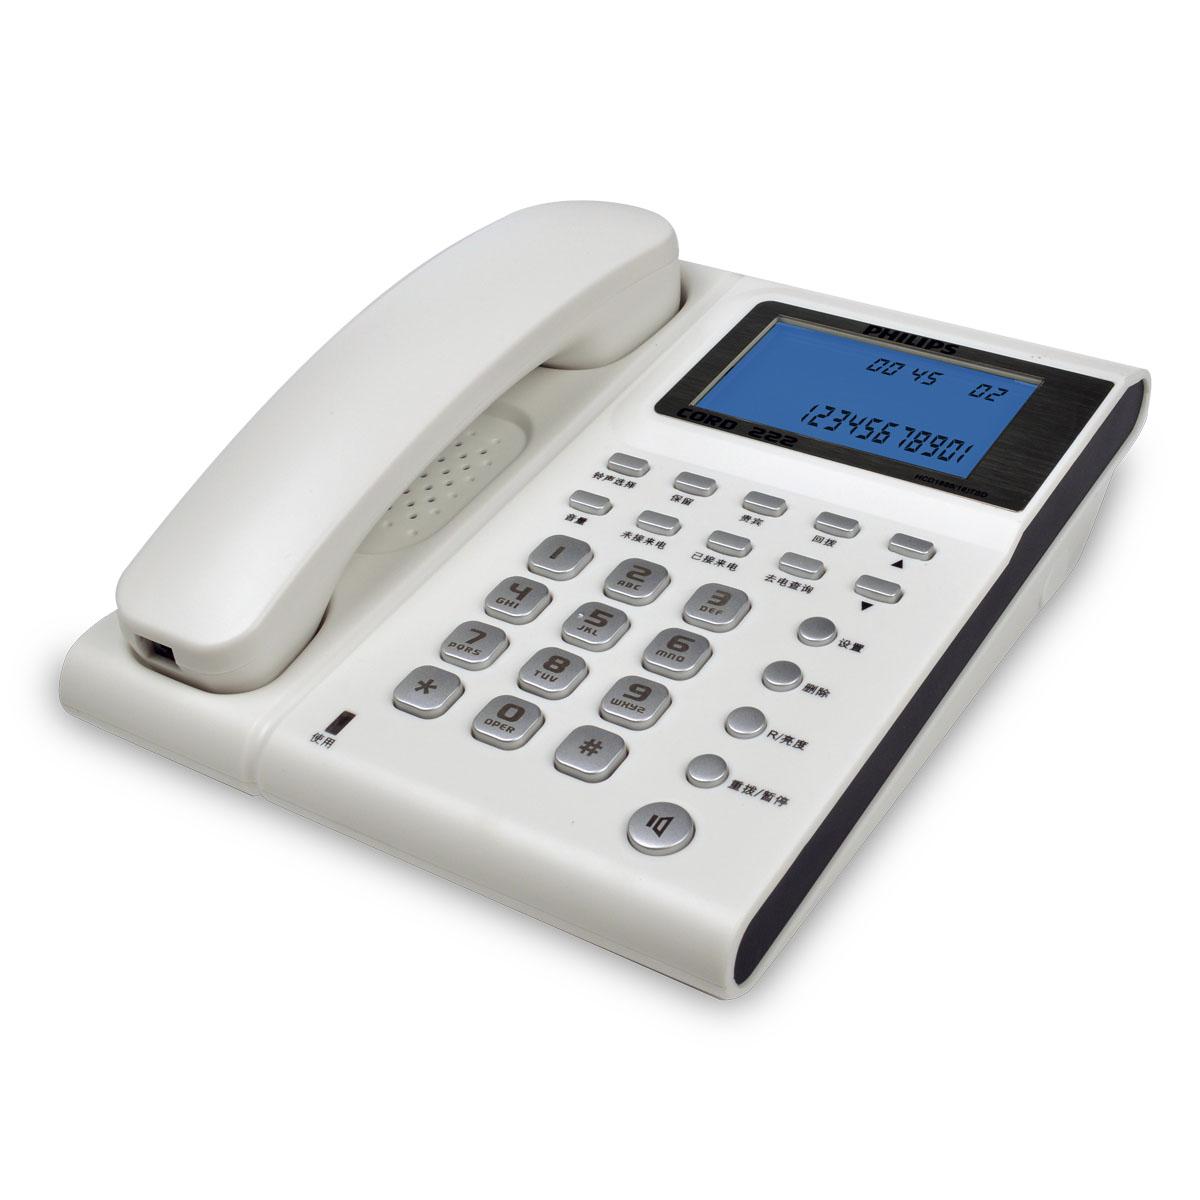 飞利浦电话机 cord222 有绳座机电话 来电显示 办公固定电话 包邮